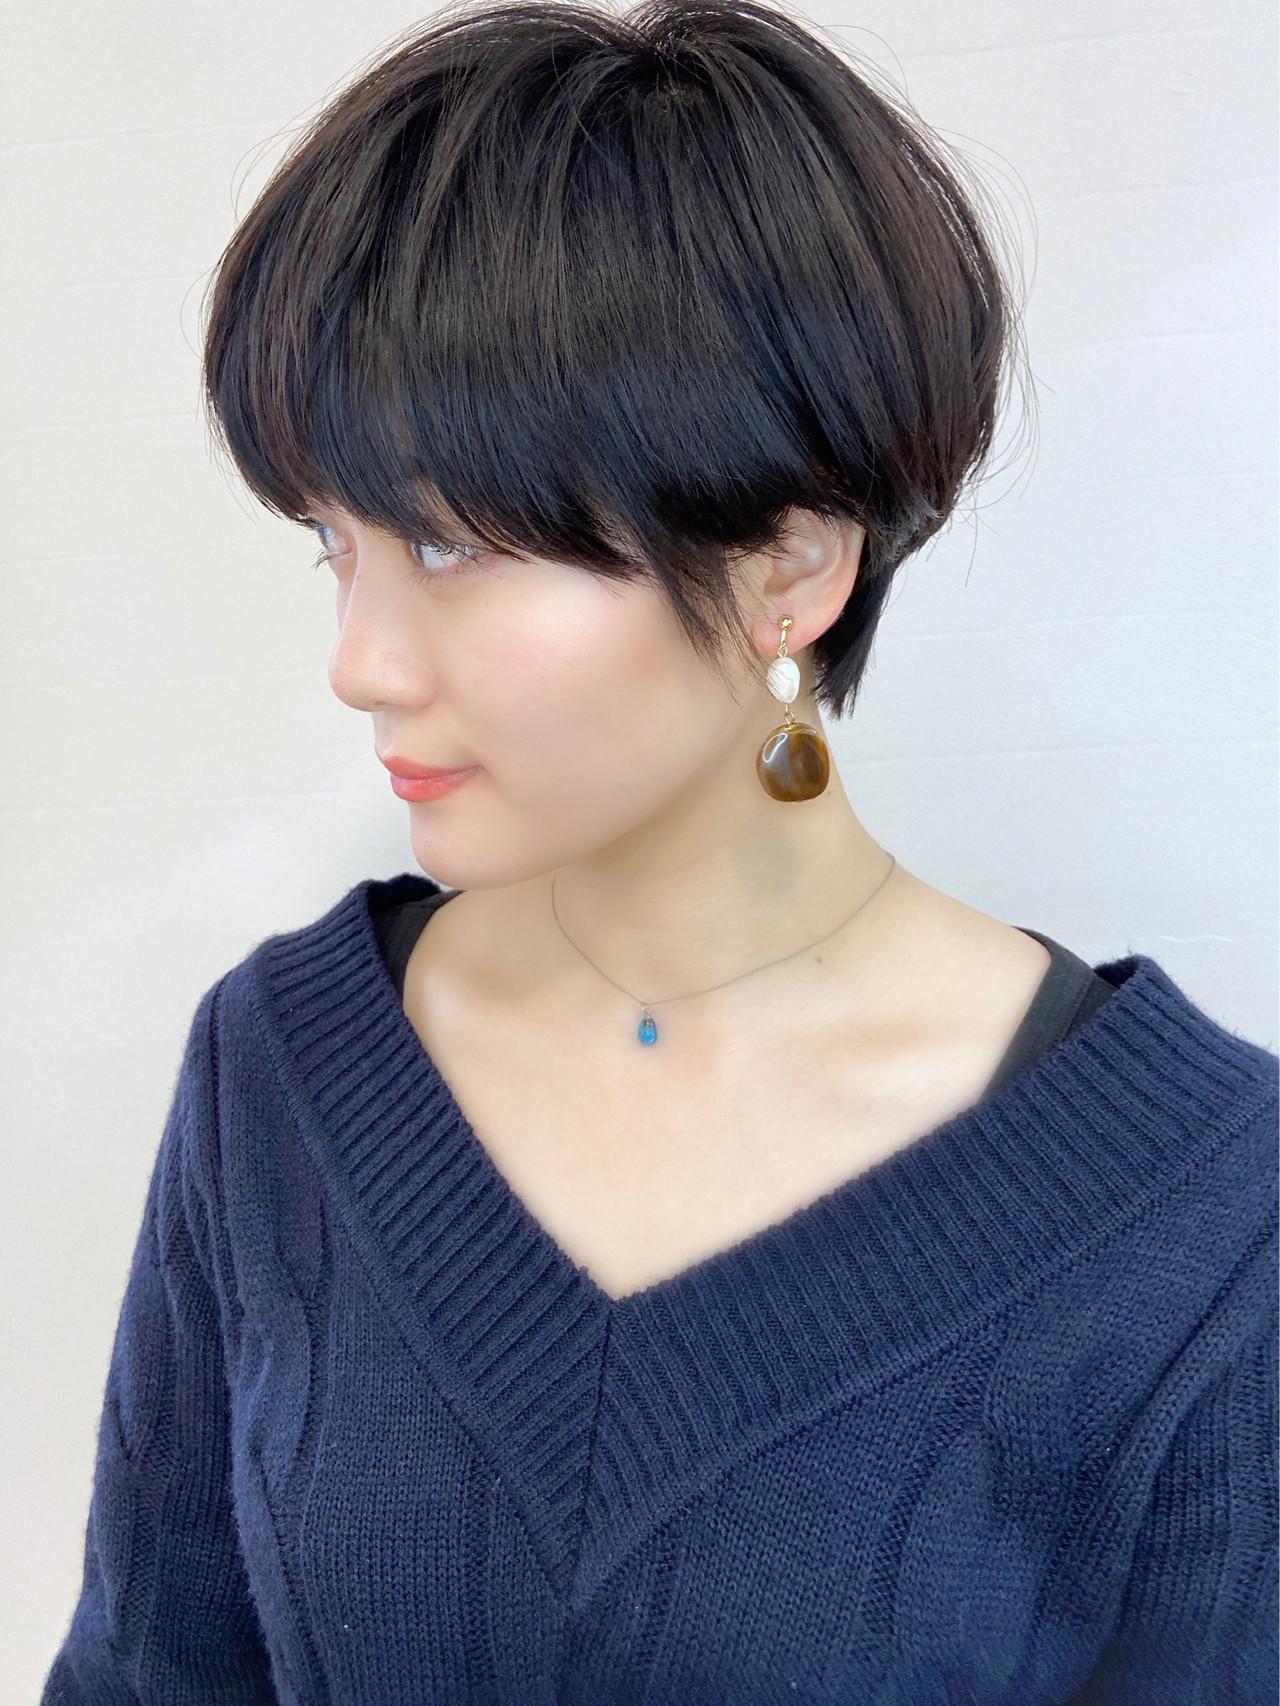 ベリーショート ショート 黒髪 ショートヘア ヘアスタイルや髪型の写真・画像